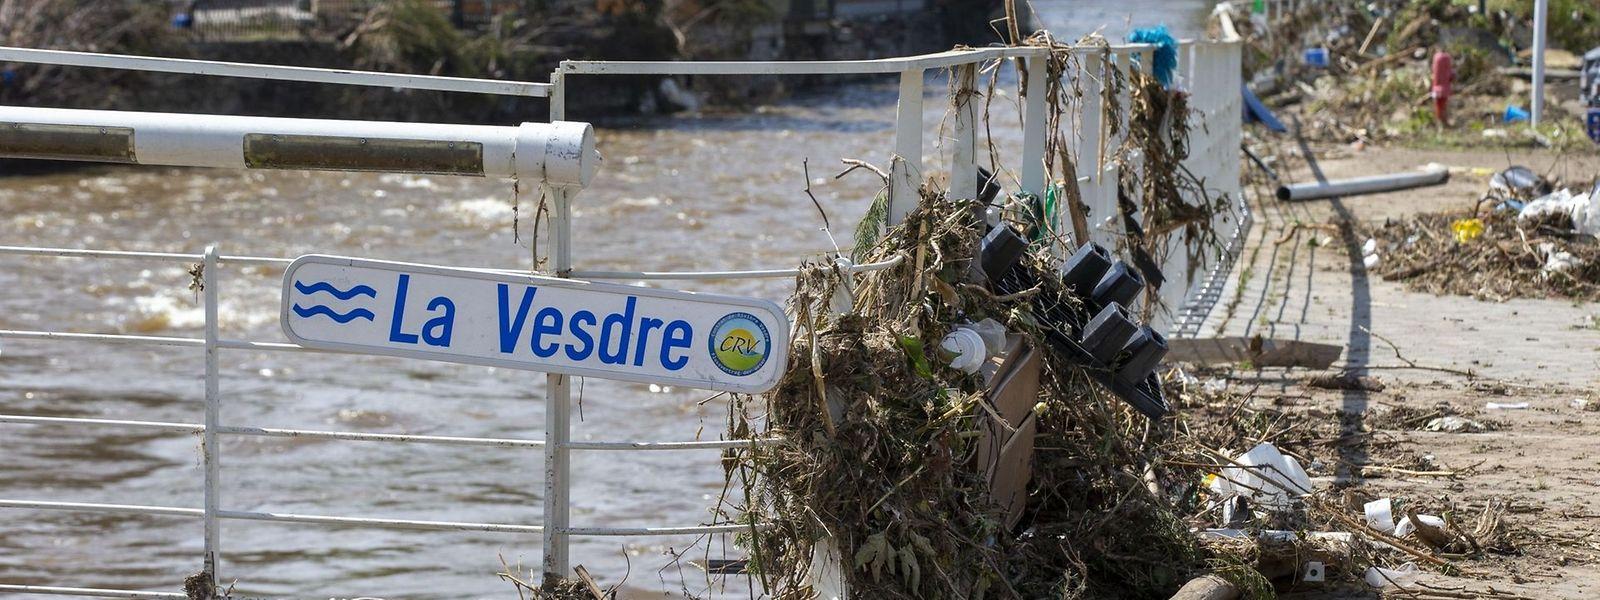 Certains scientifiques et élus estiment que le barrage d'Eupen, dans la vallée de la Vesdre, aurait dû être délesté du trop-plein d'eau beaucoup plus tôt.